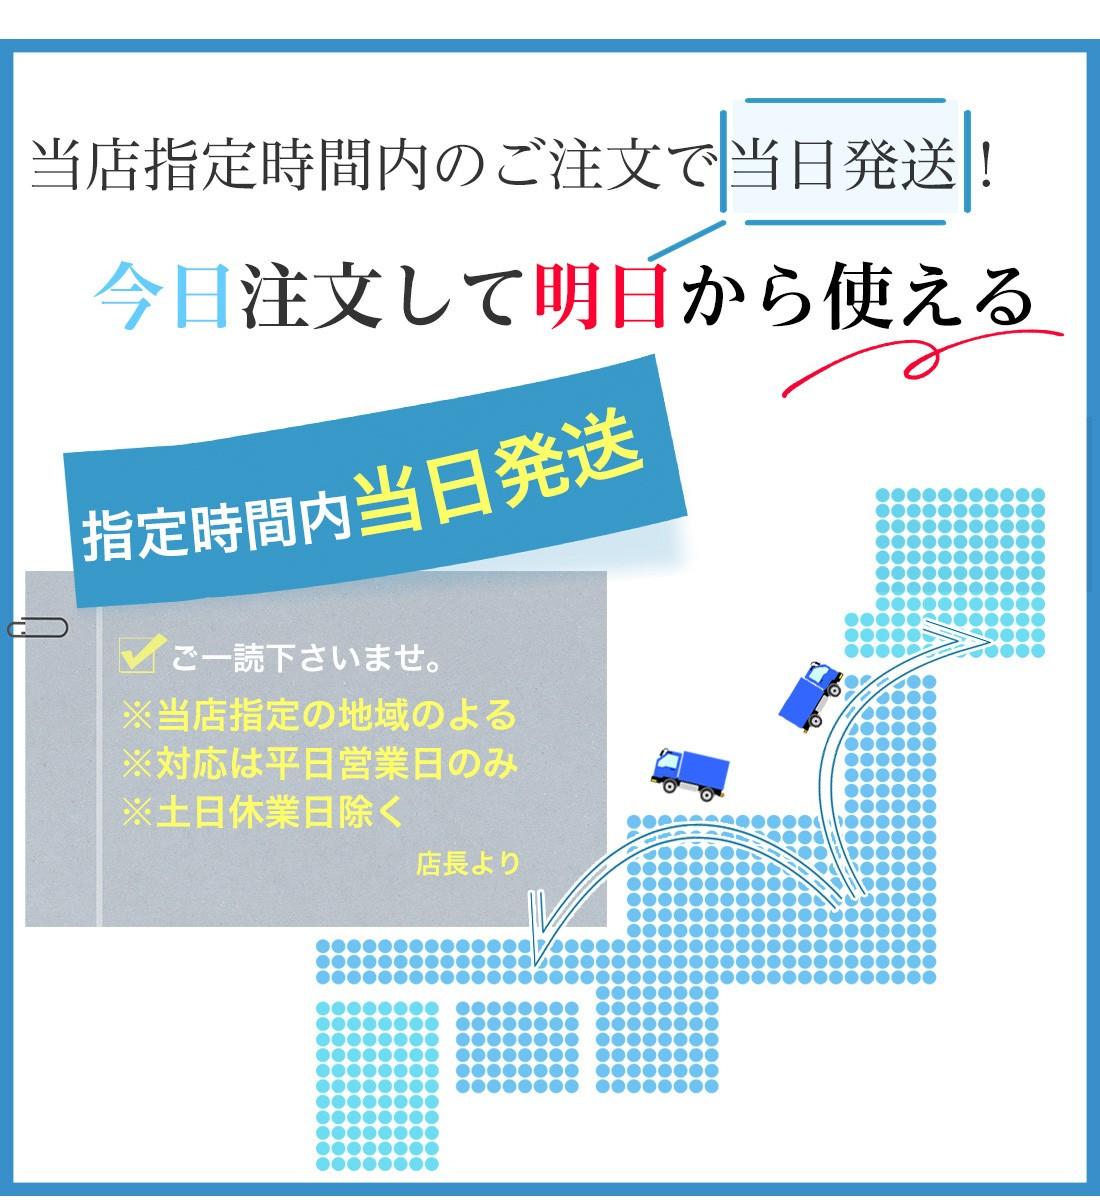 スマホ 防水ケース ipx8 xperia docomo iphone6 6plus 6s 6sPlus スマホケース スマホポーチ スマホカバー